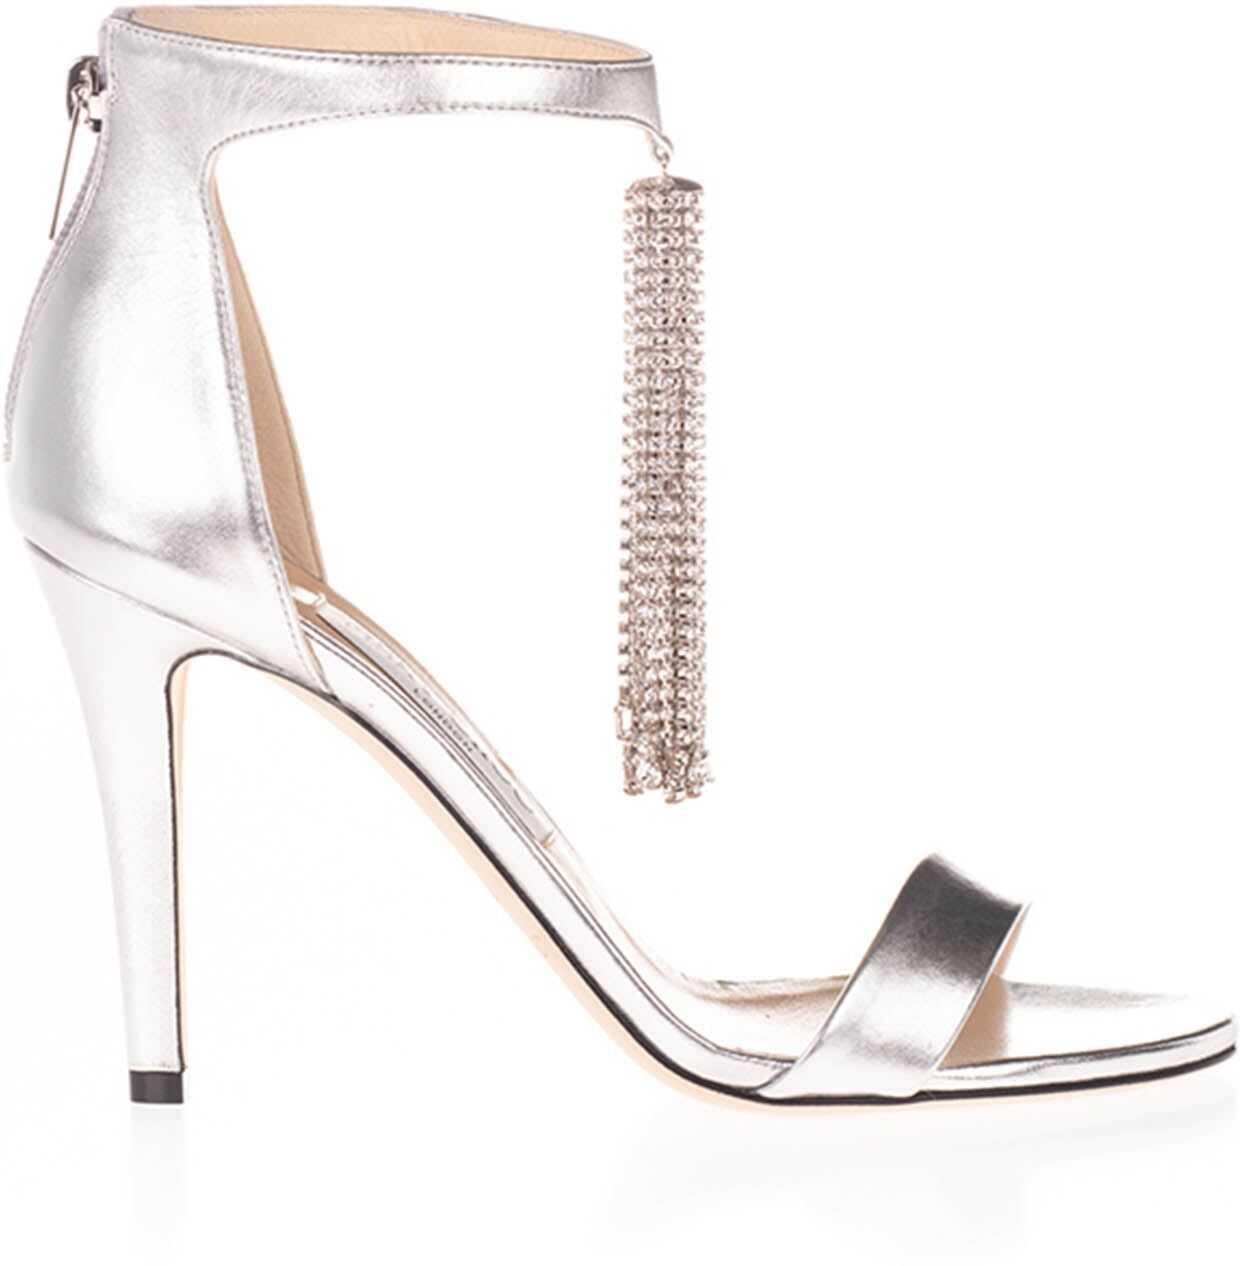 Viola 100 Sandals In Silver Color